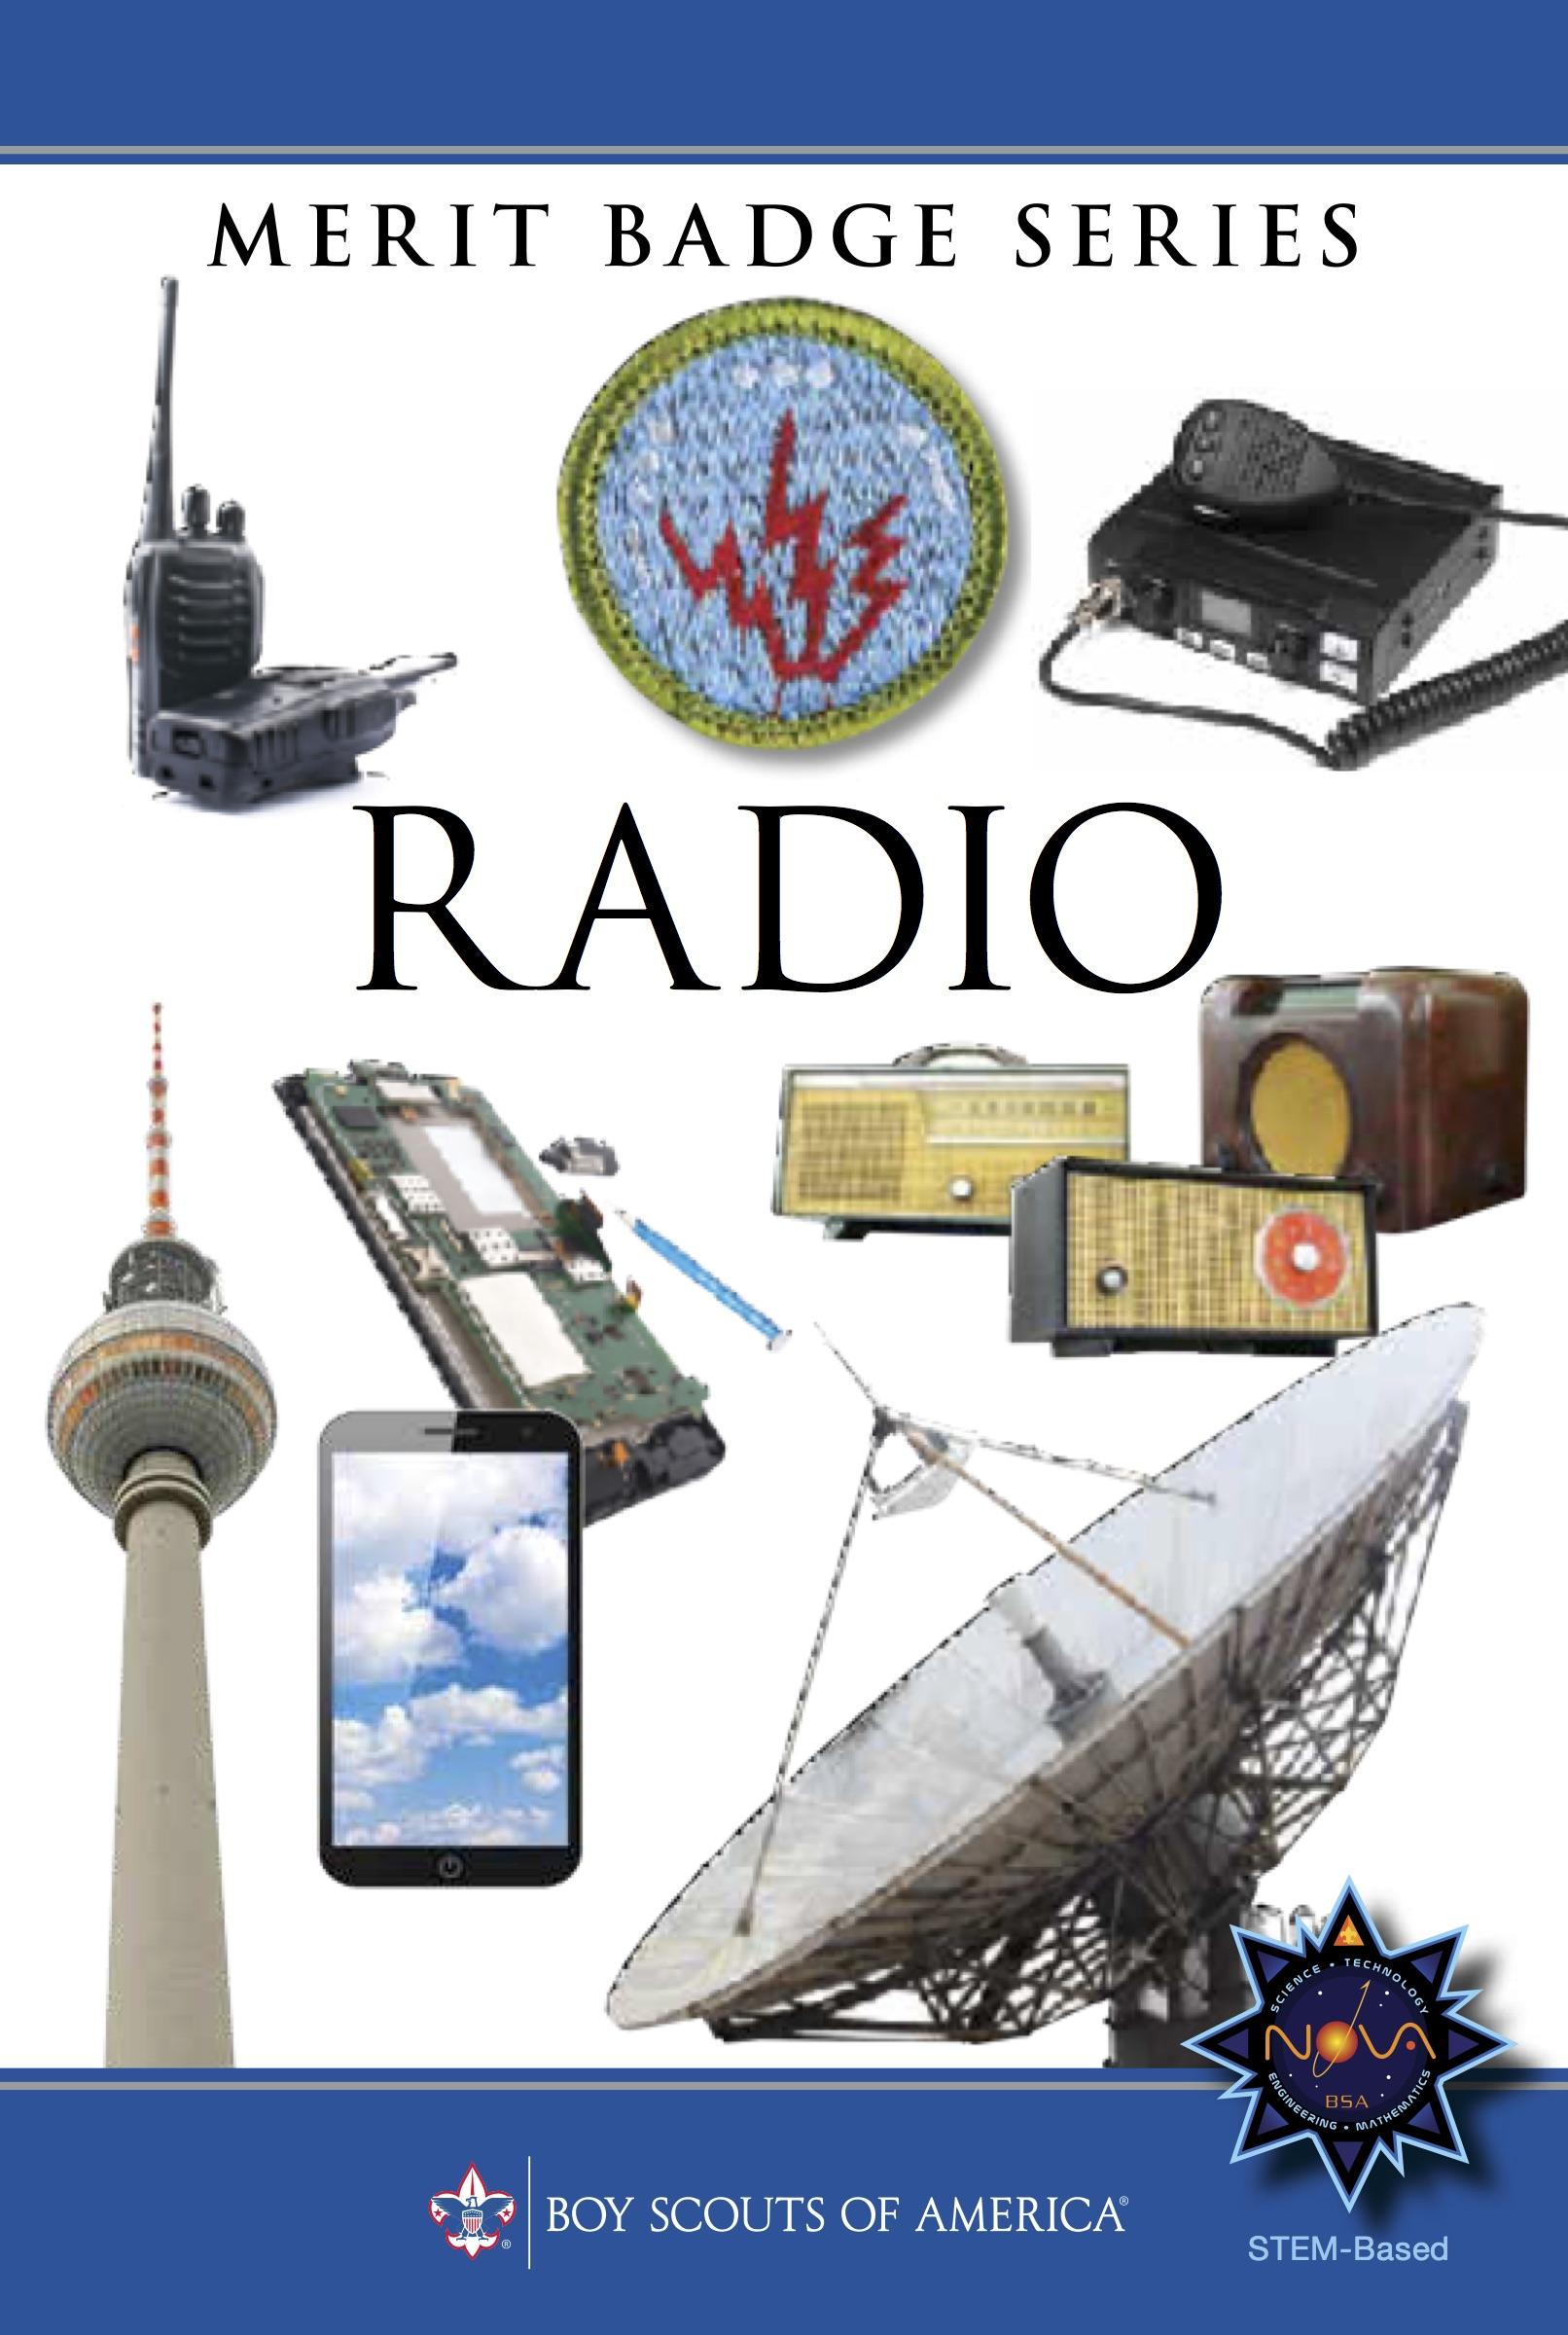 Radio Merit Badge K2bsa Amateur Radio Association